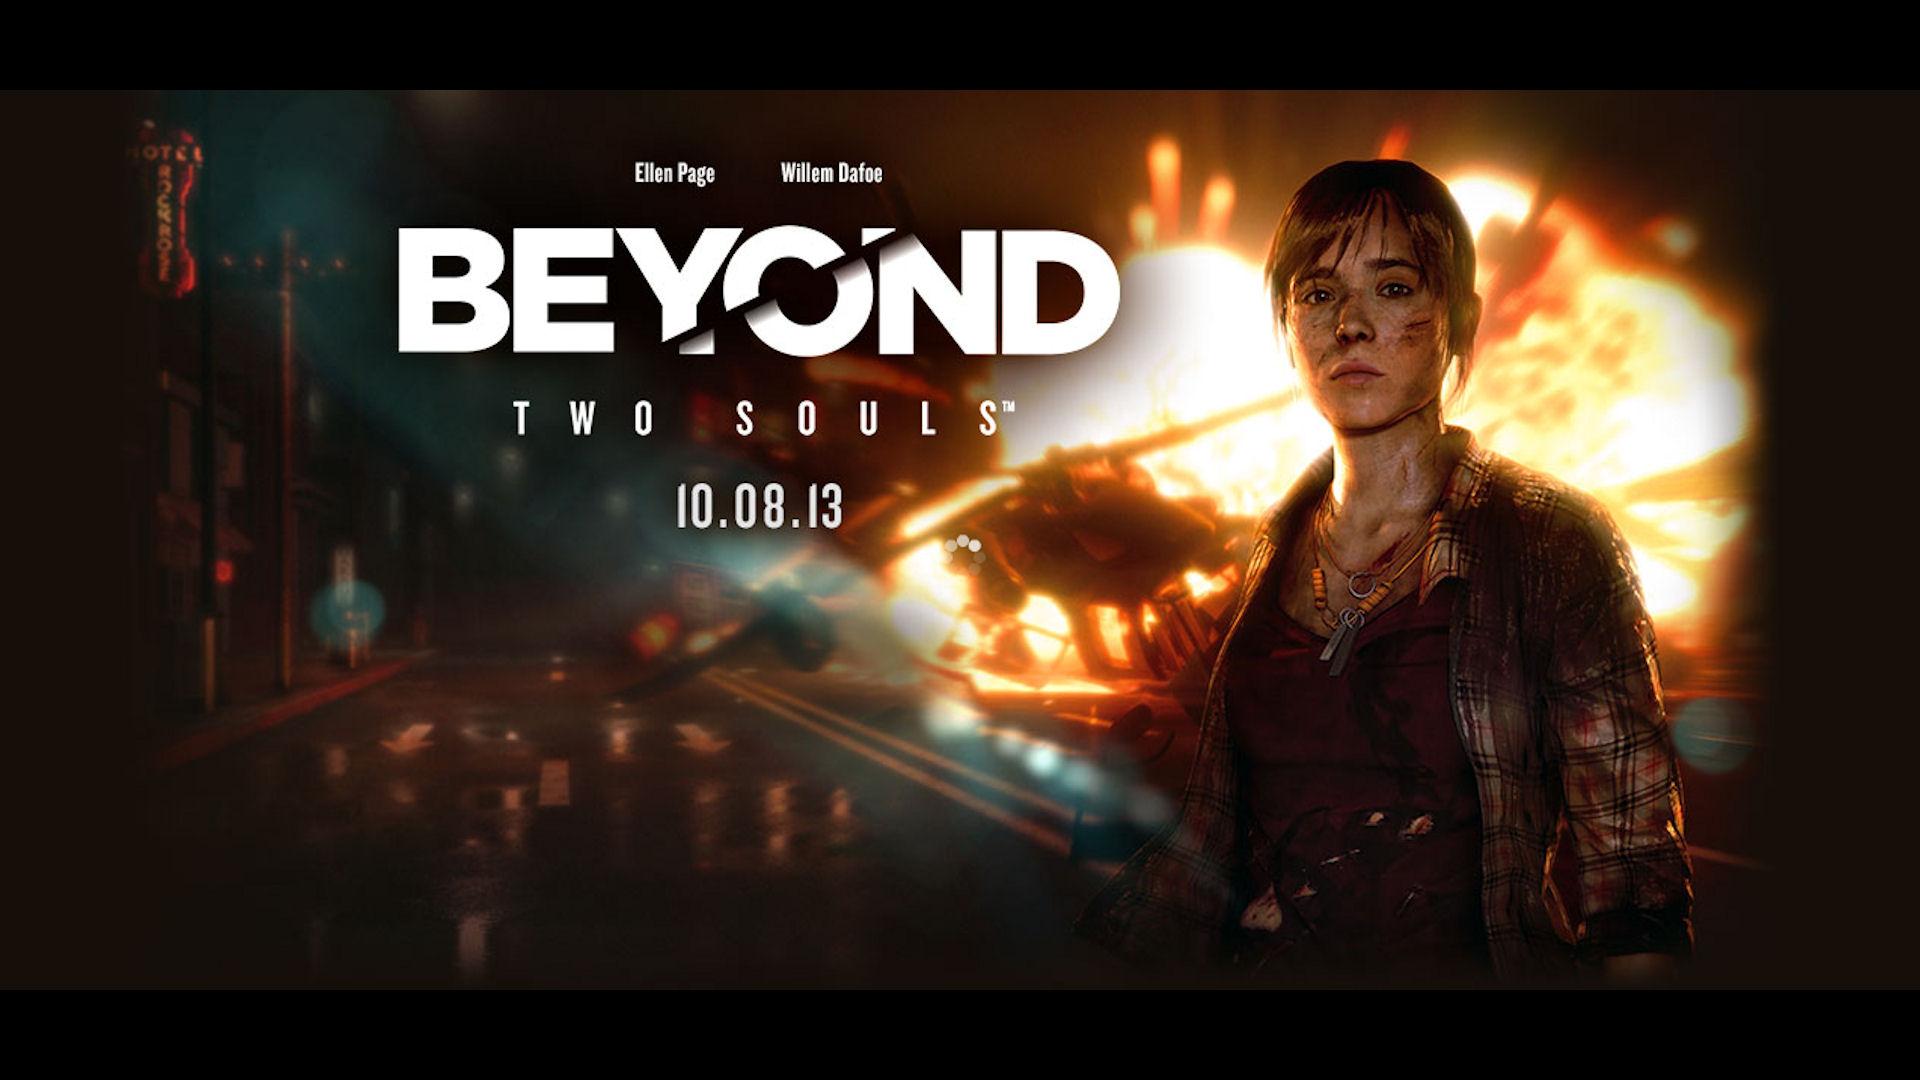 Beyond-Two-Souls-Wallpaper-HD